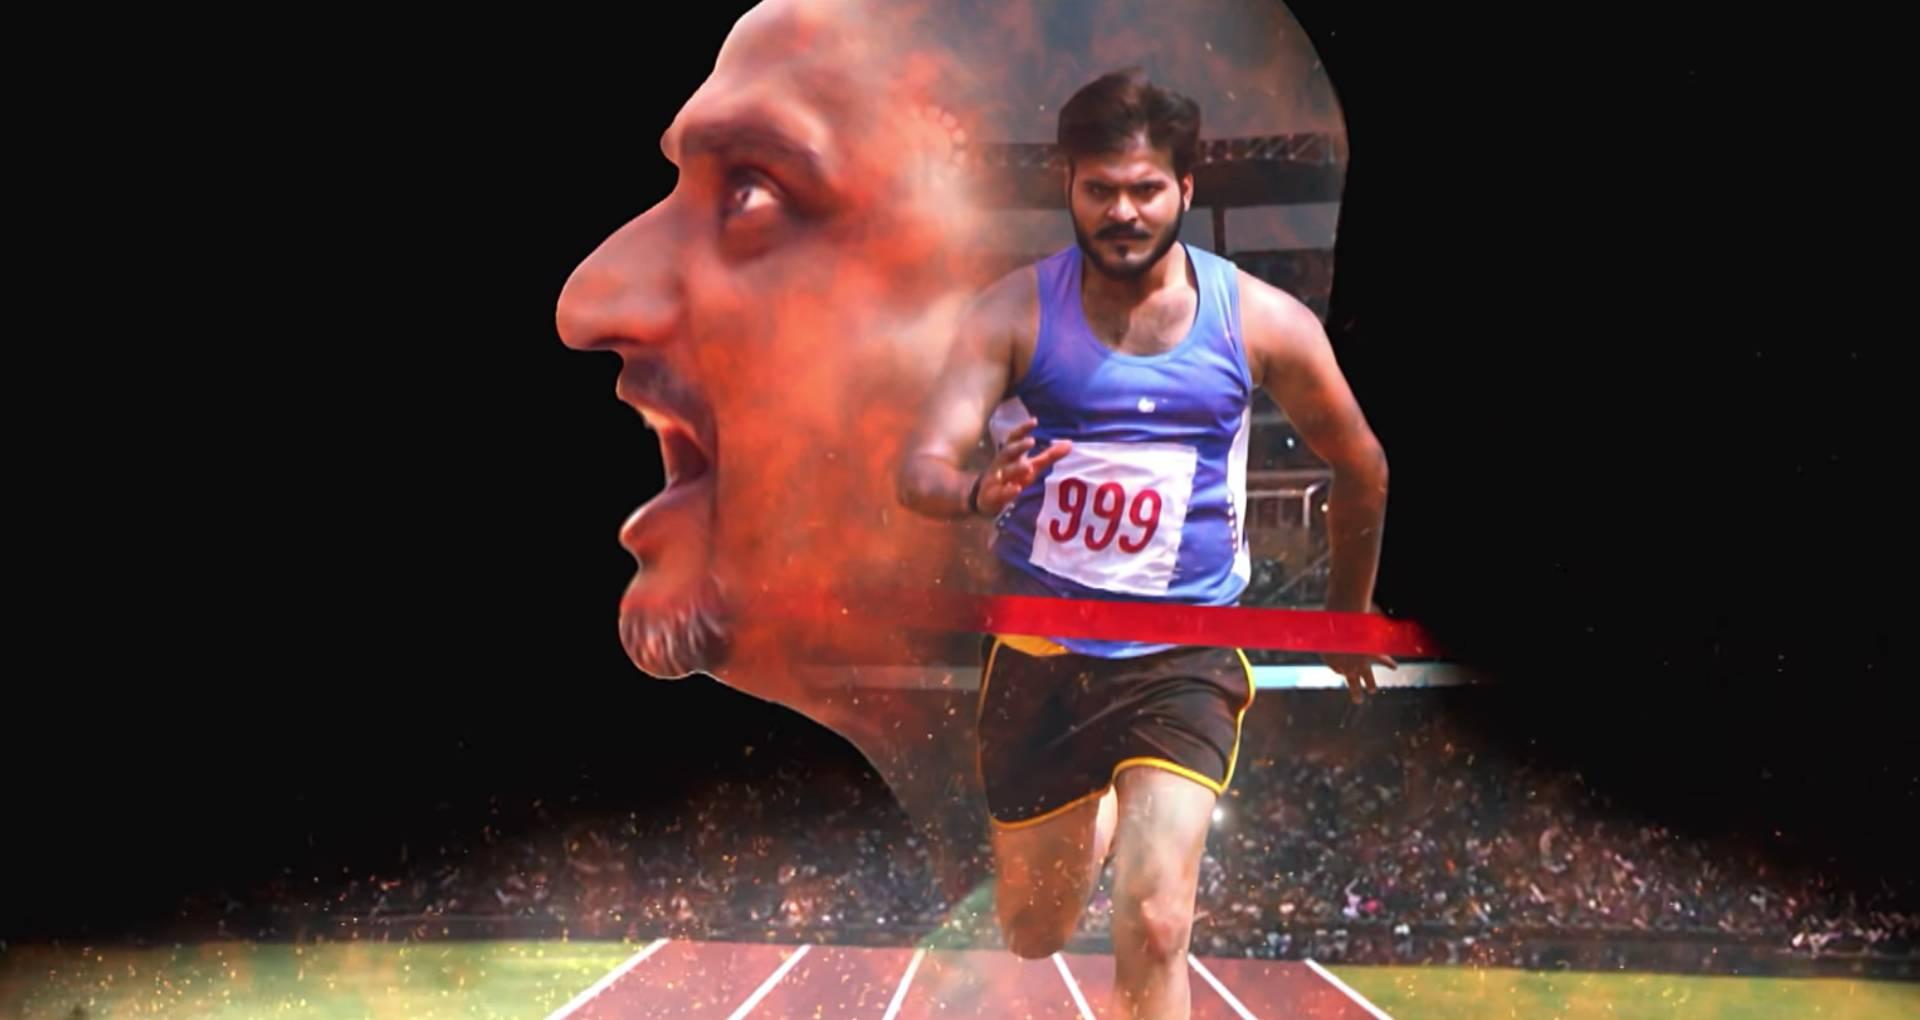 भोजपुरी फिल्म विजेता का दमदार टीजर लॉन्च, फ्लाइंग सिख मिल्खा सिंह की तरह रेस लगाते दिखे अरविंद अकेला कल्लू